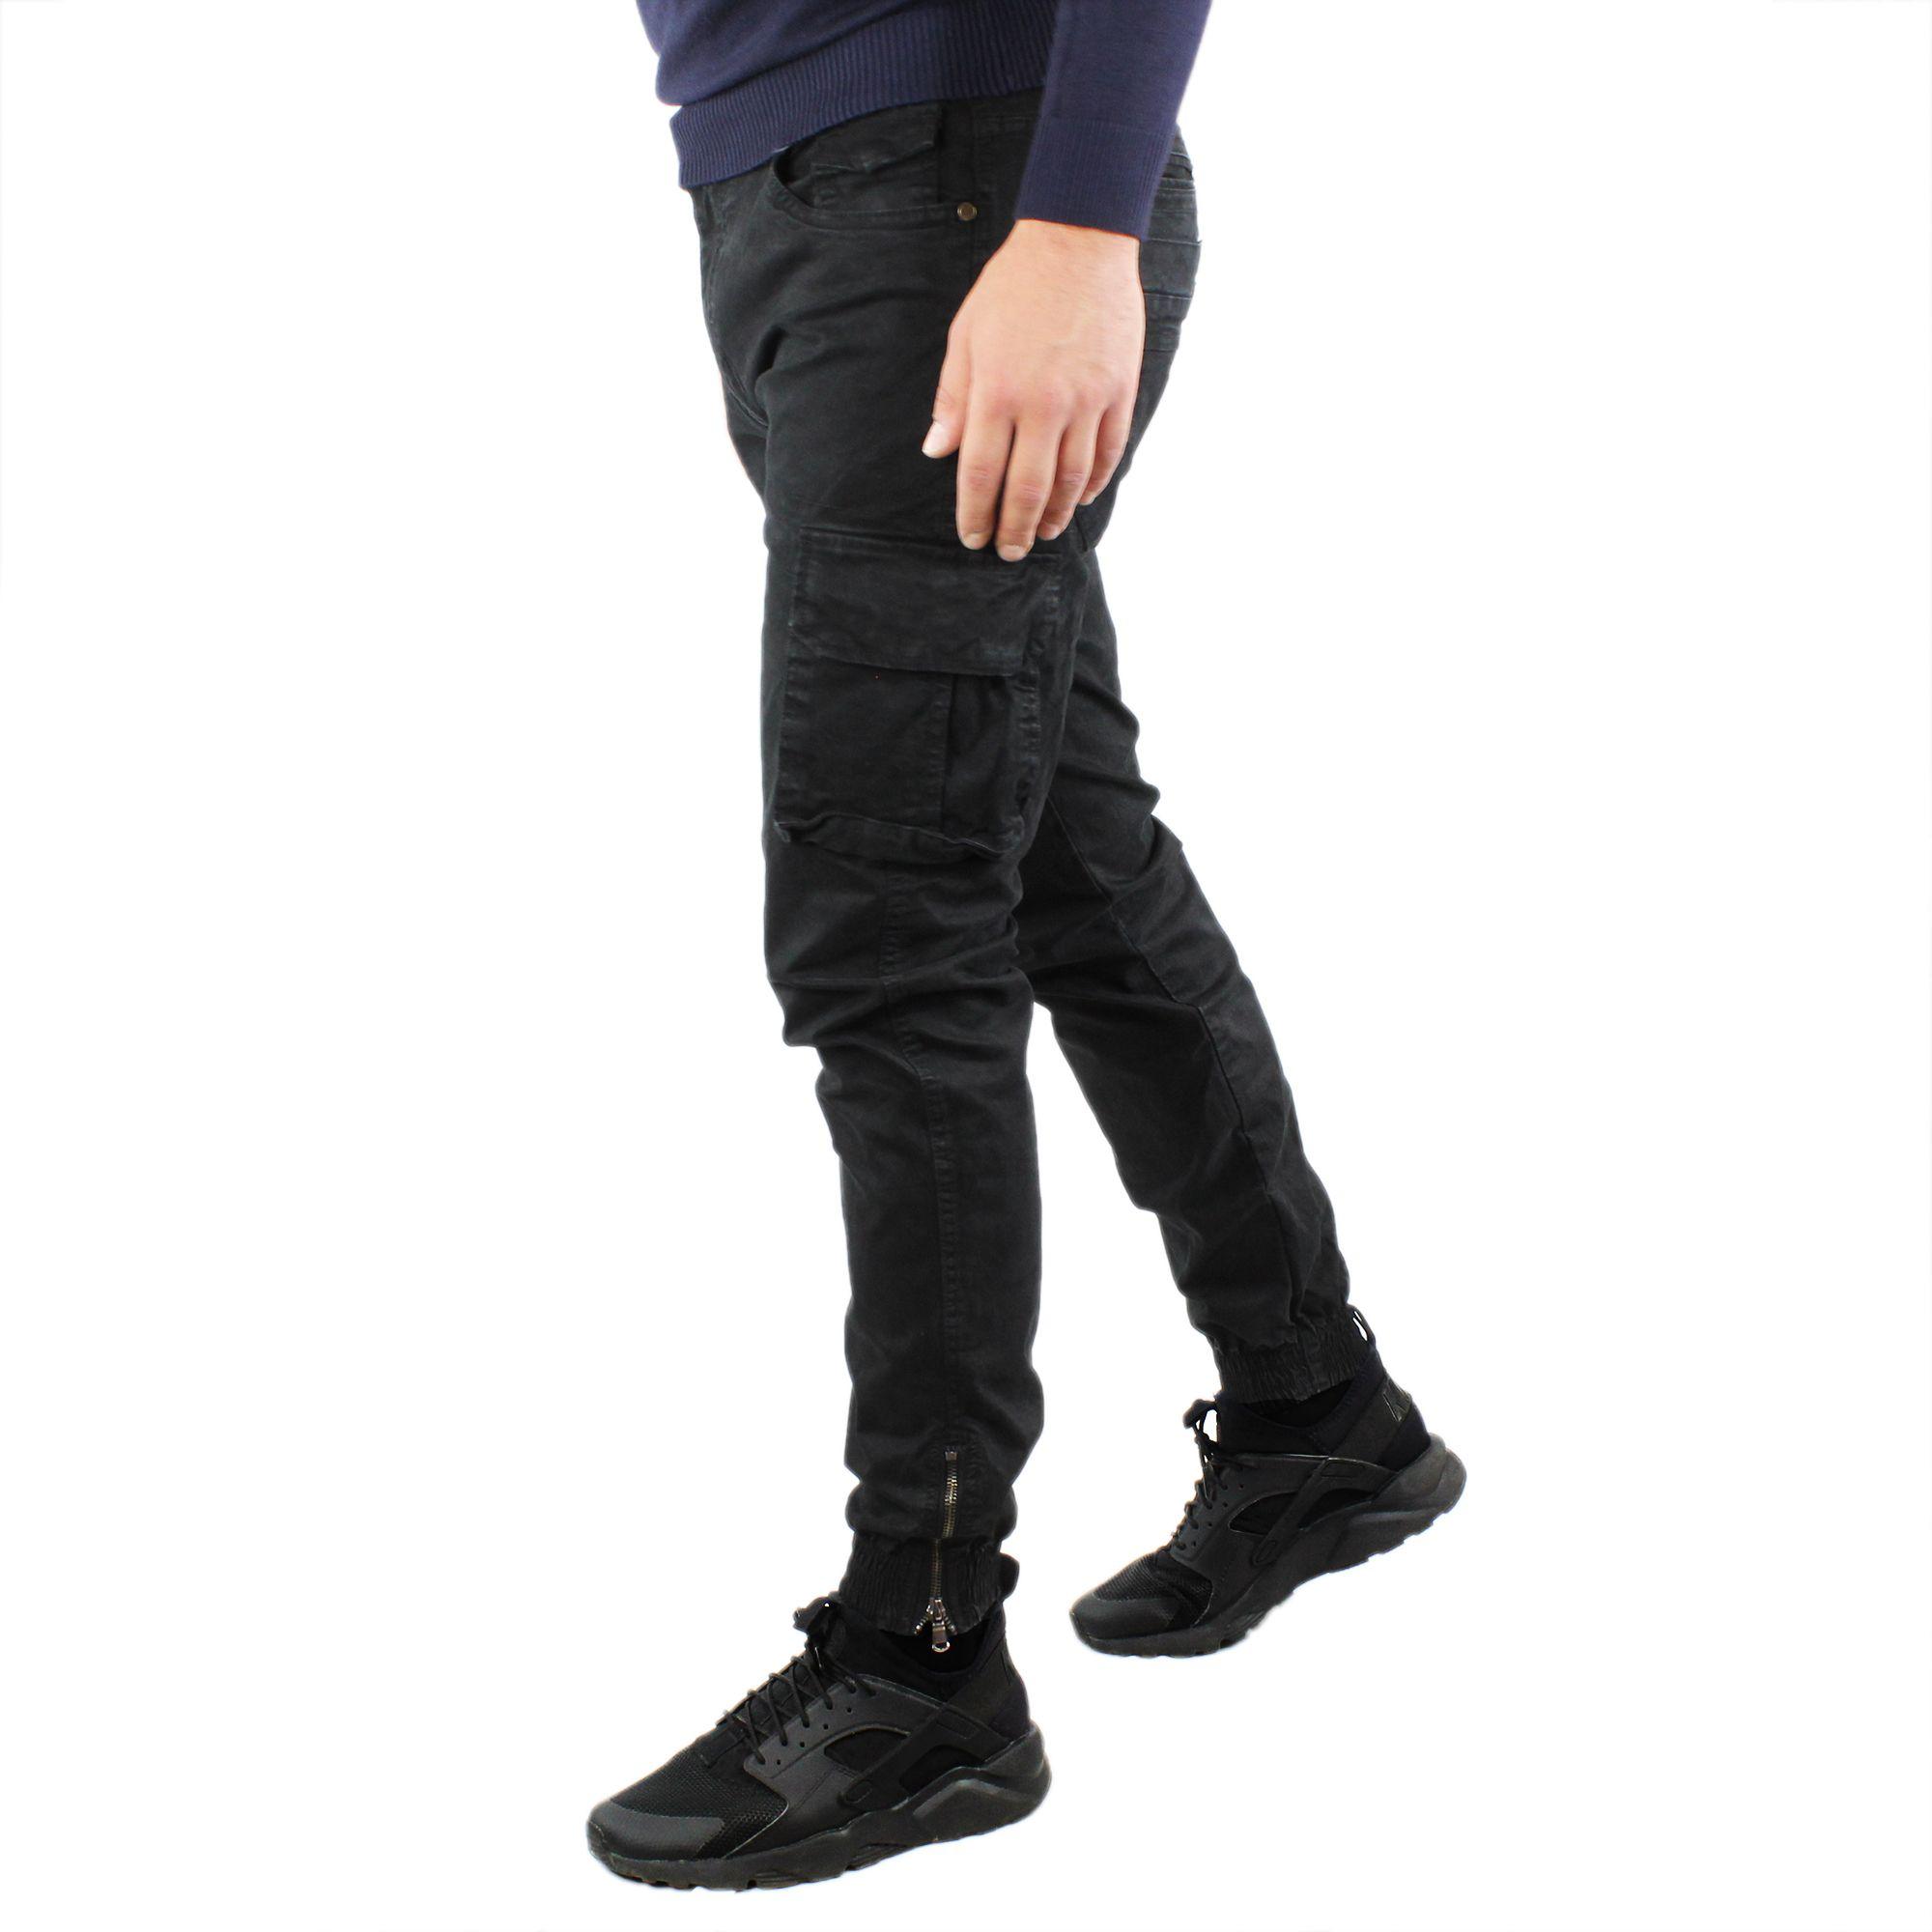 Pantaloni-Cargo-Uomo-Invernale-Tasche-Laterali-Cotone-Slim-Fit-Tasconi-Casual miniatura 16